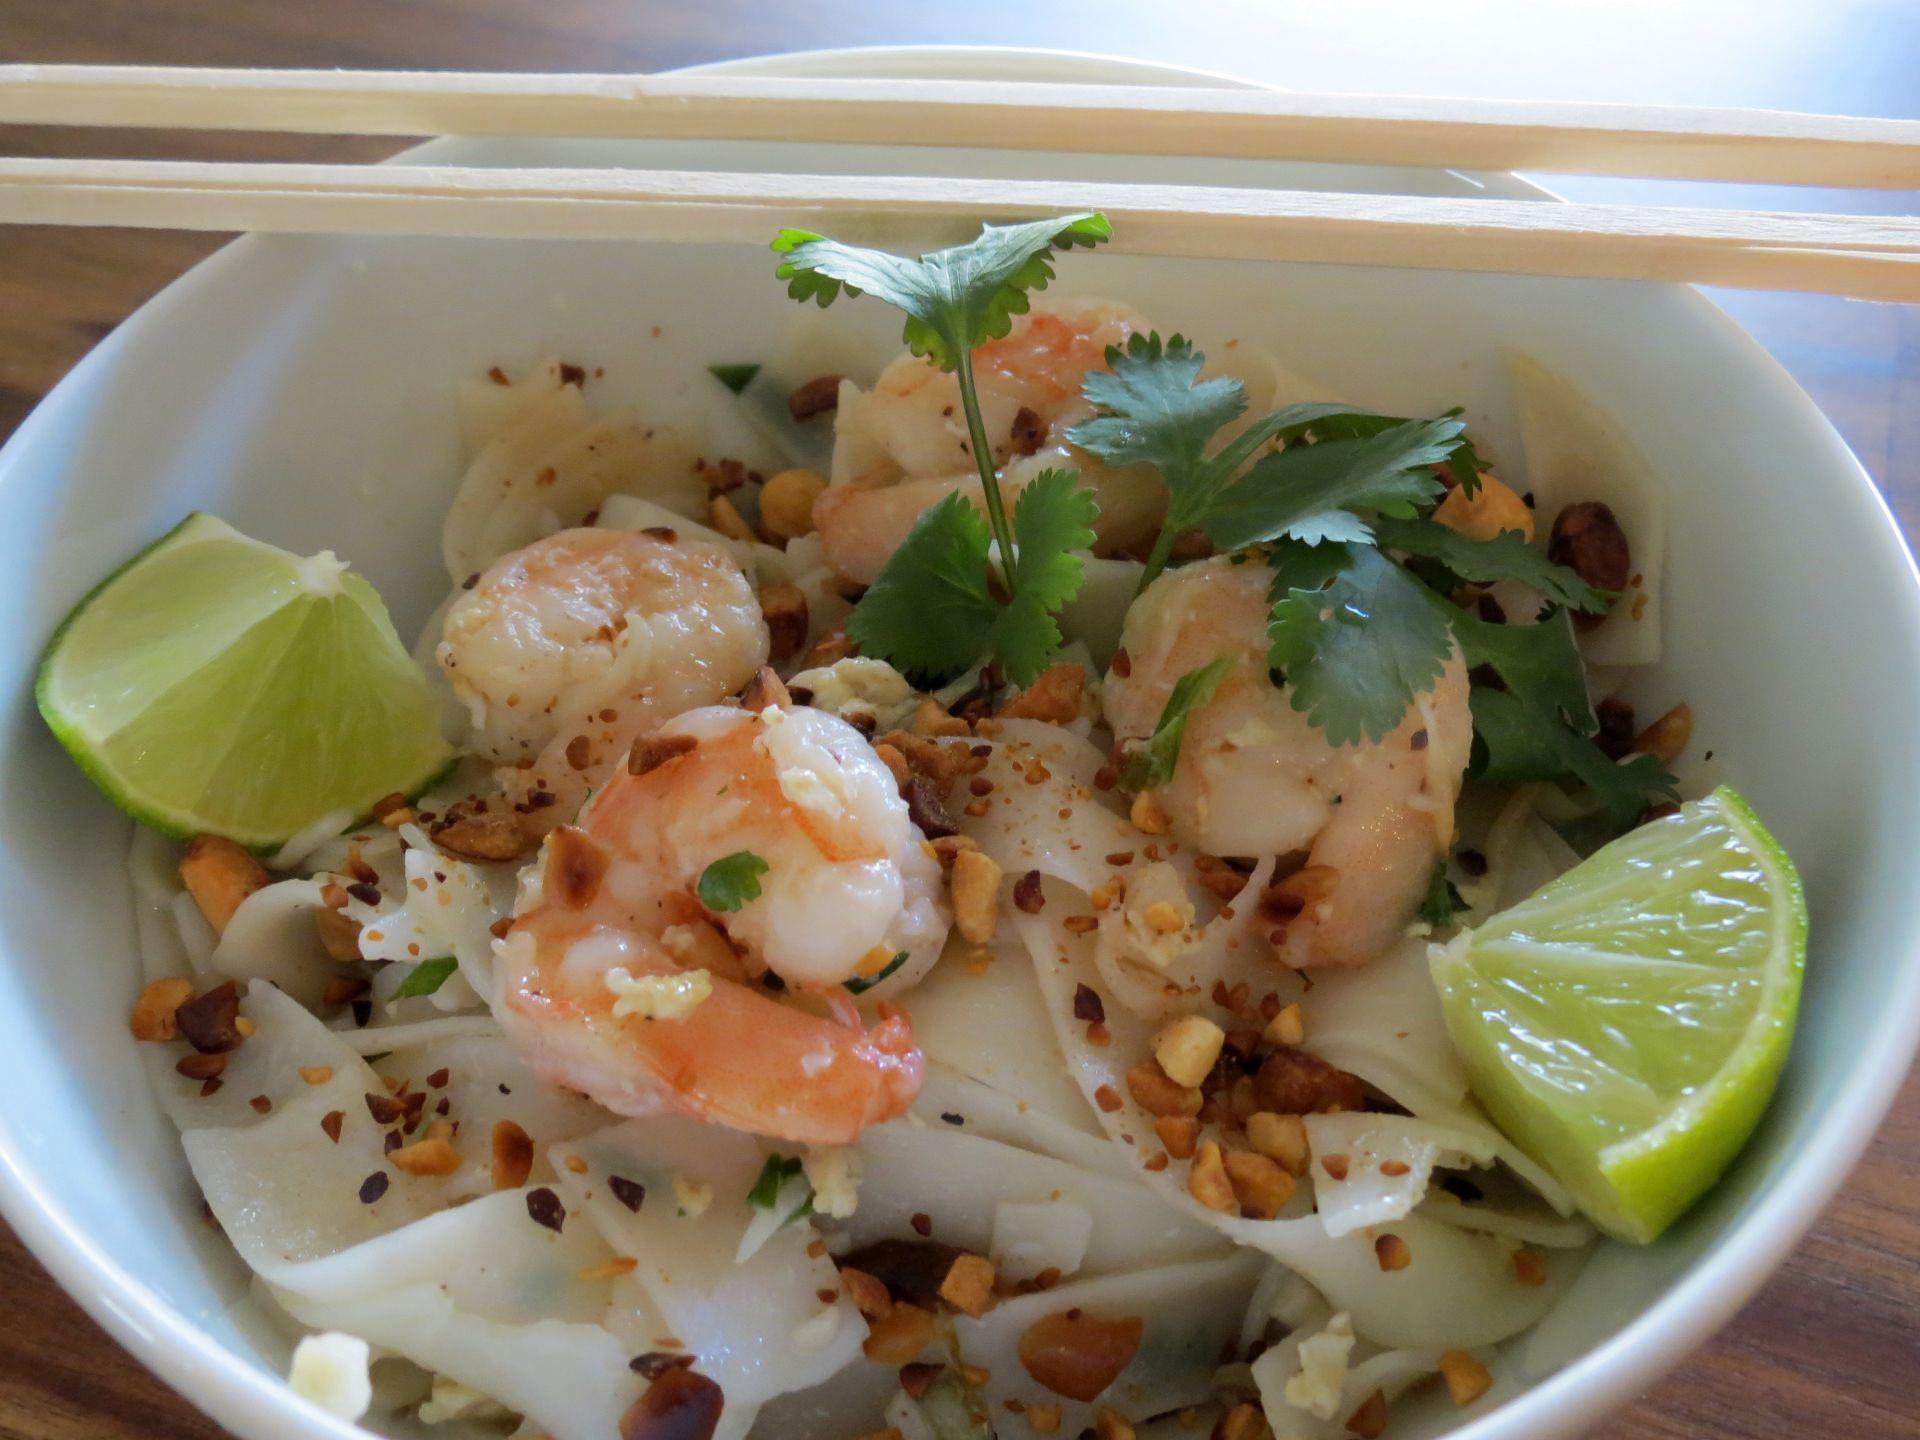 Shrimp Pad Thai Recipe - The Frugal Chef